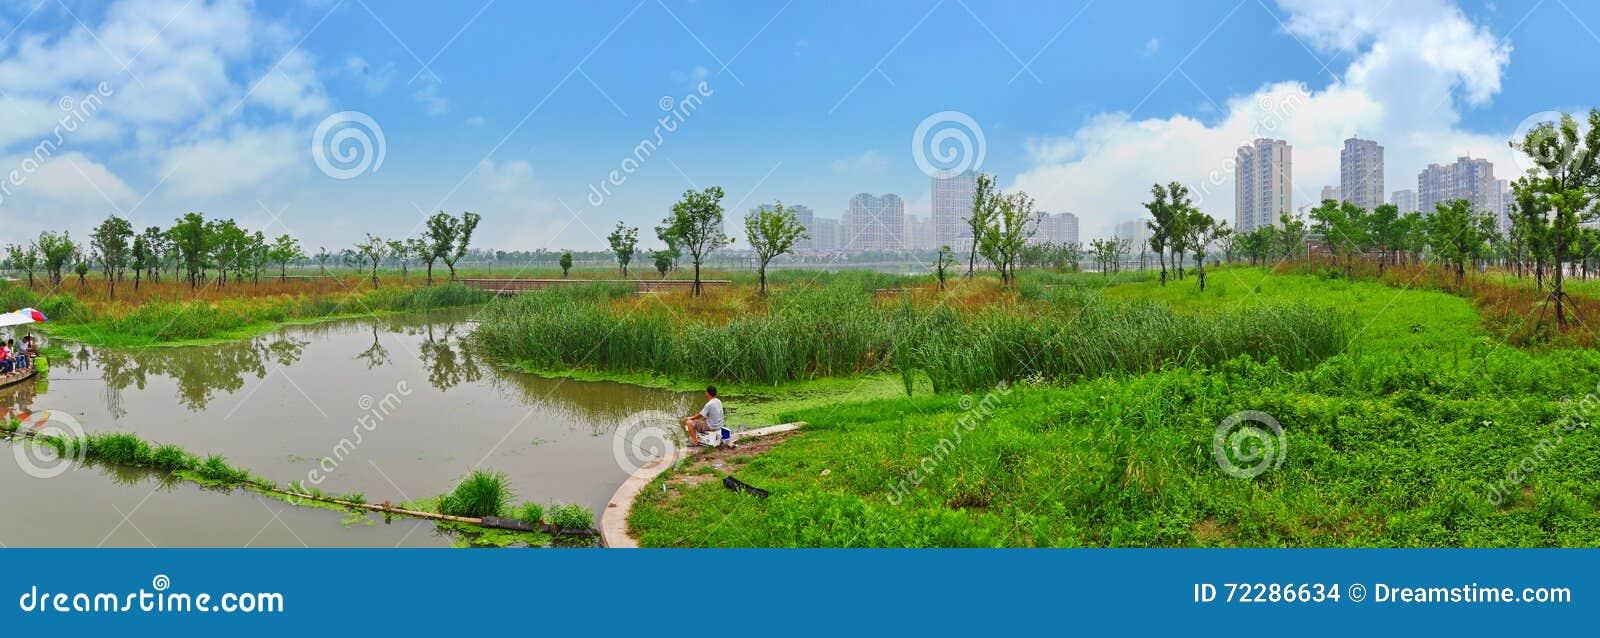 Download Парк заболоченного места редакционное стоковое изображение. изображение насчитывающей бело - 72286634